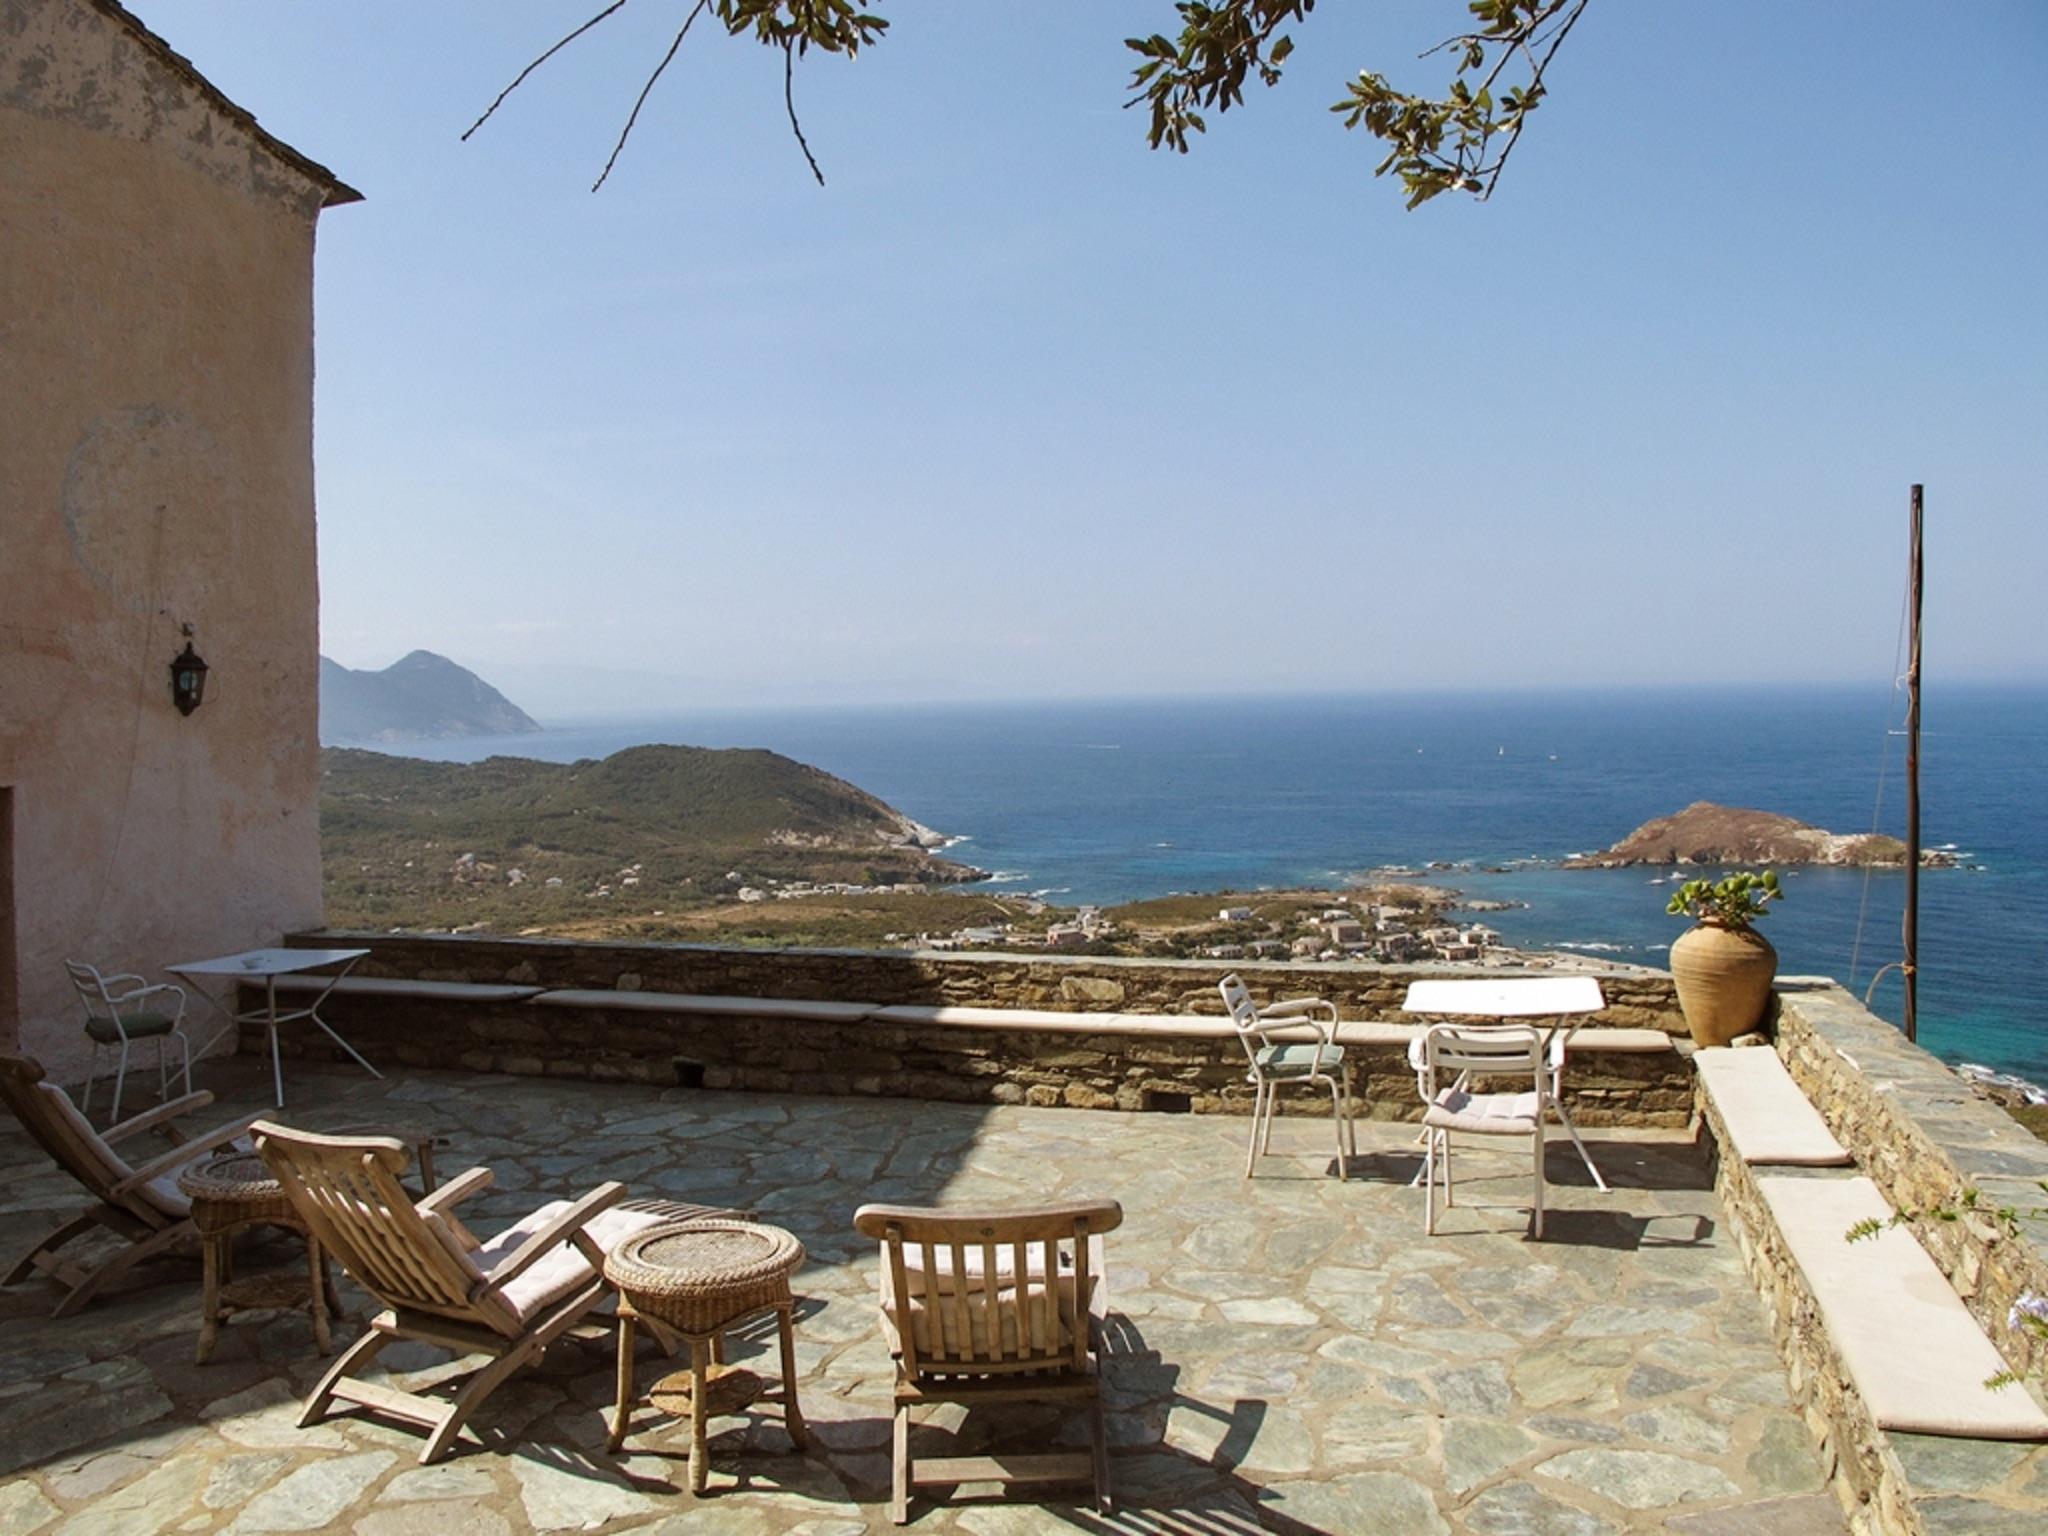 Maison de vacances Herrliches Haus mit neun Schlafzimmern und grandiosem Blick aufs Meer im hübschen Dörfchen (2202571), Centuri, Haute-Corse, Corse, France, image 3